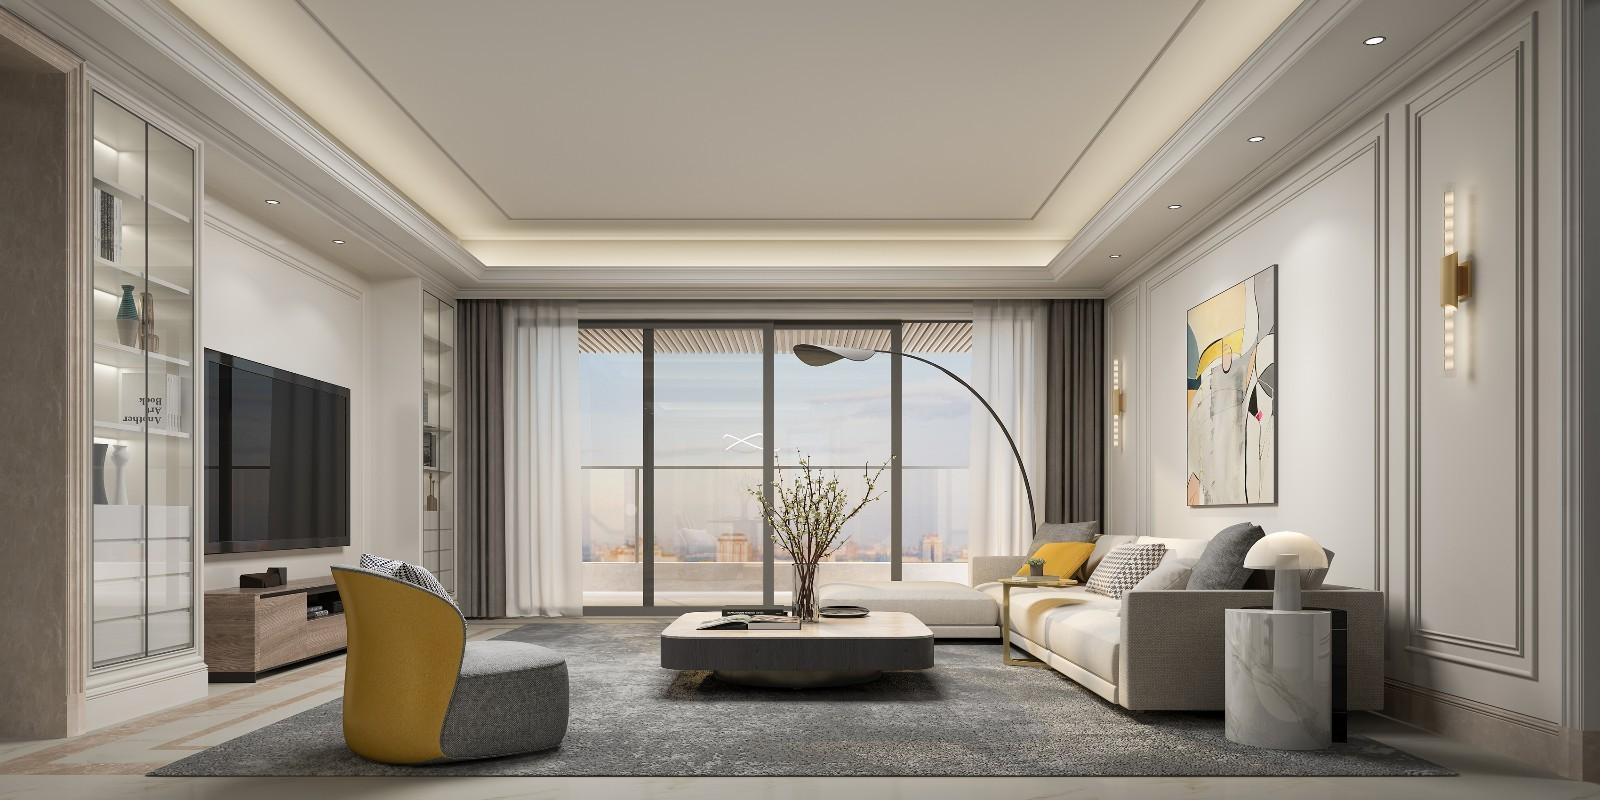 """警惕""""甲醛房"""",你家的新房子空气质量达标了吗?-上海空气新风展 AIRVENTEC CHINA 2022.6.8-10新风系统 通风设备 空气净化"""